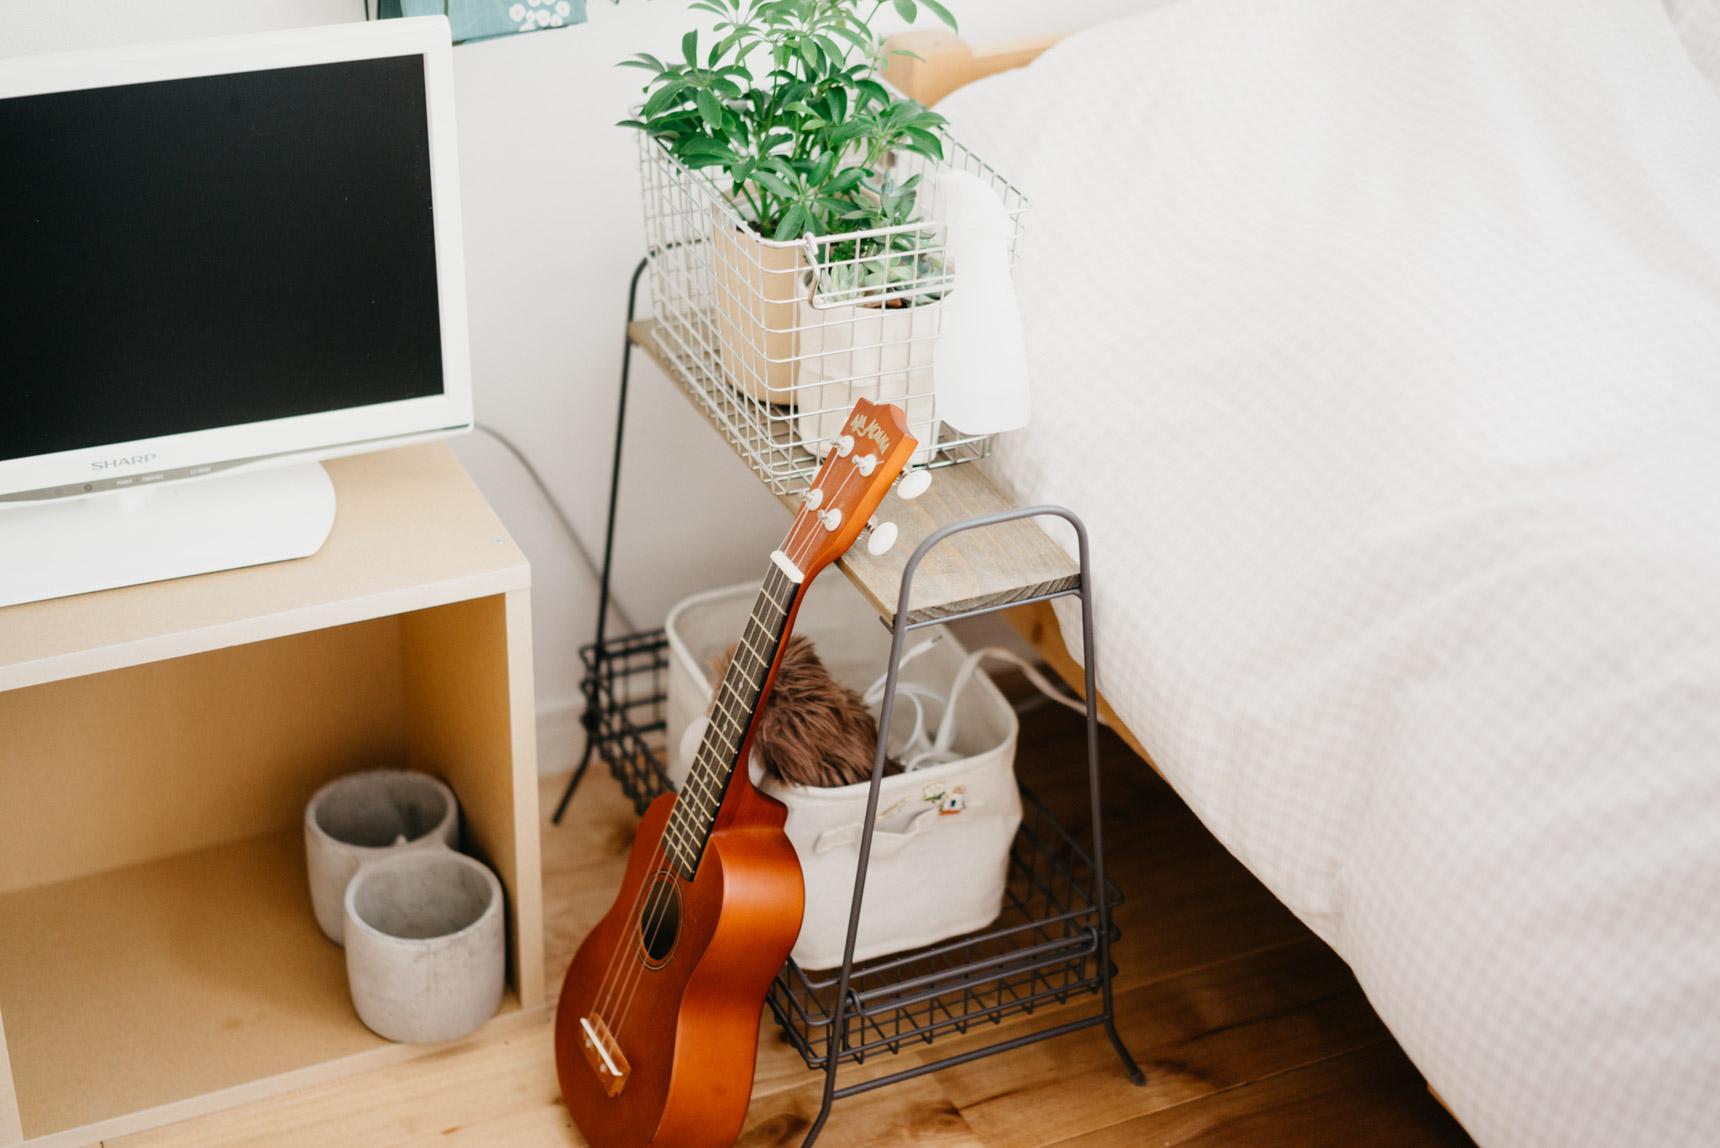 ベッド横の棚はsalut!のもの。ただ上に乗せるのではなくて、カゴを合わせて中にしまうようにするだけで、印象が変わります。